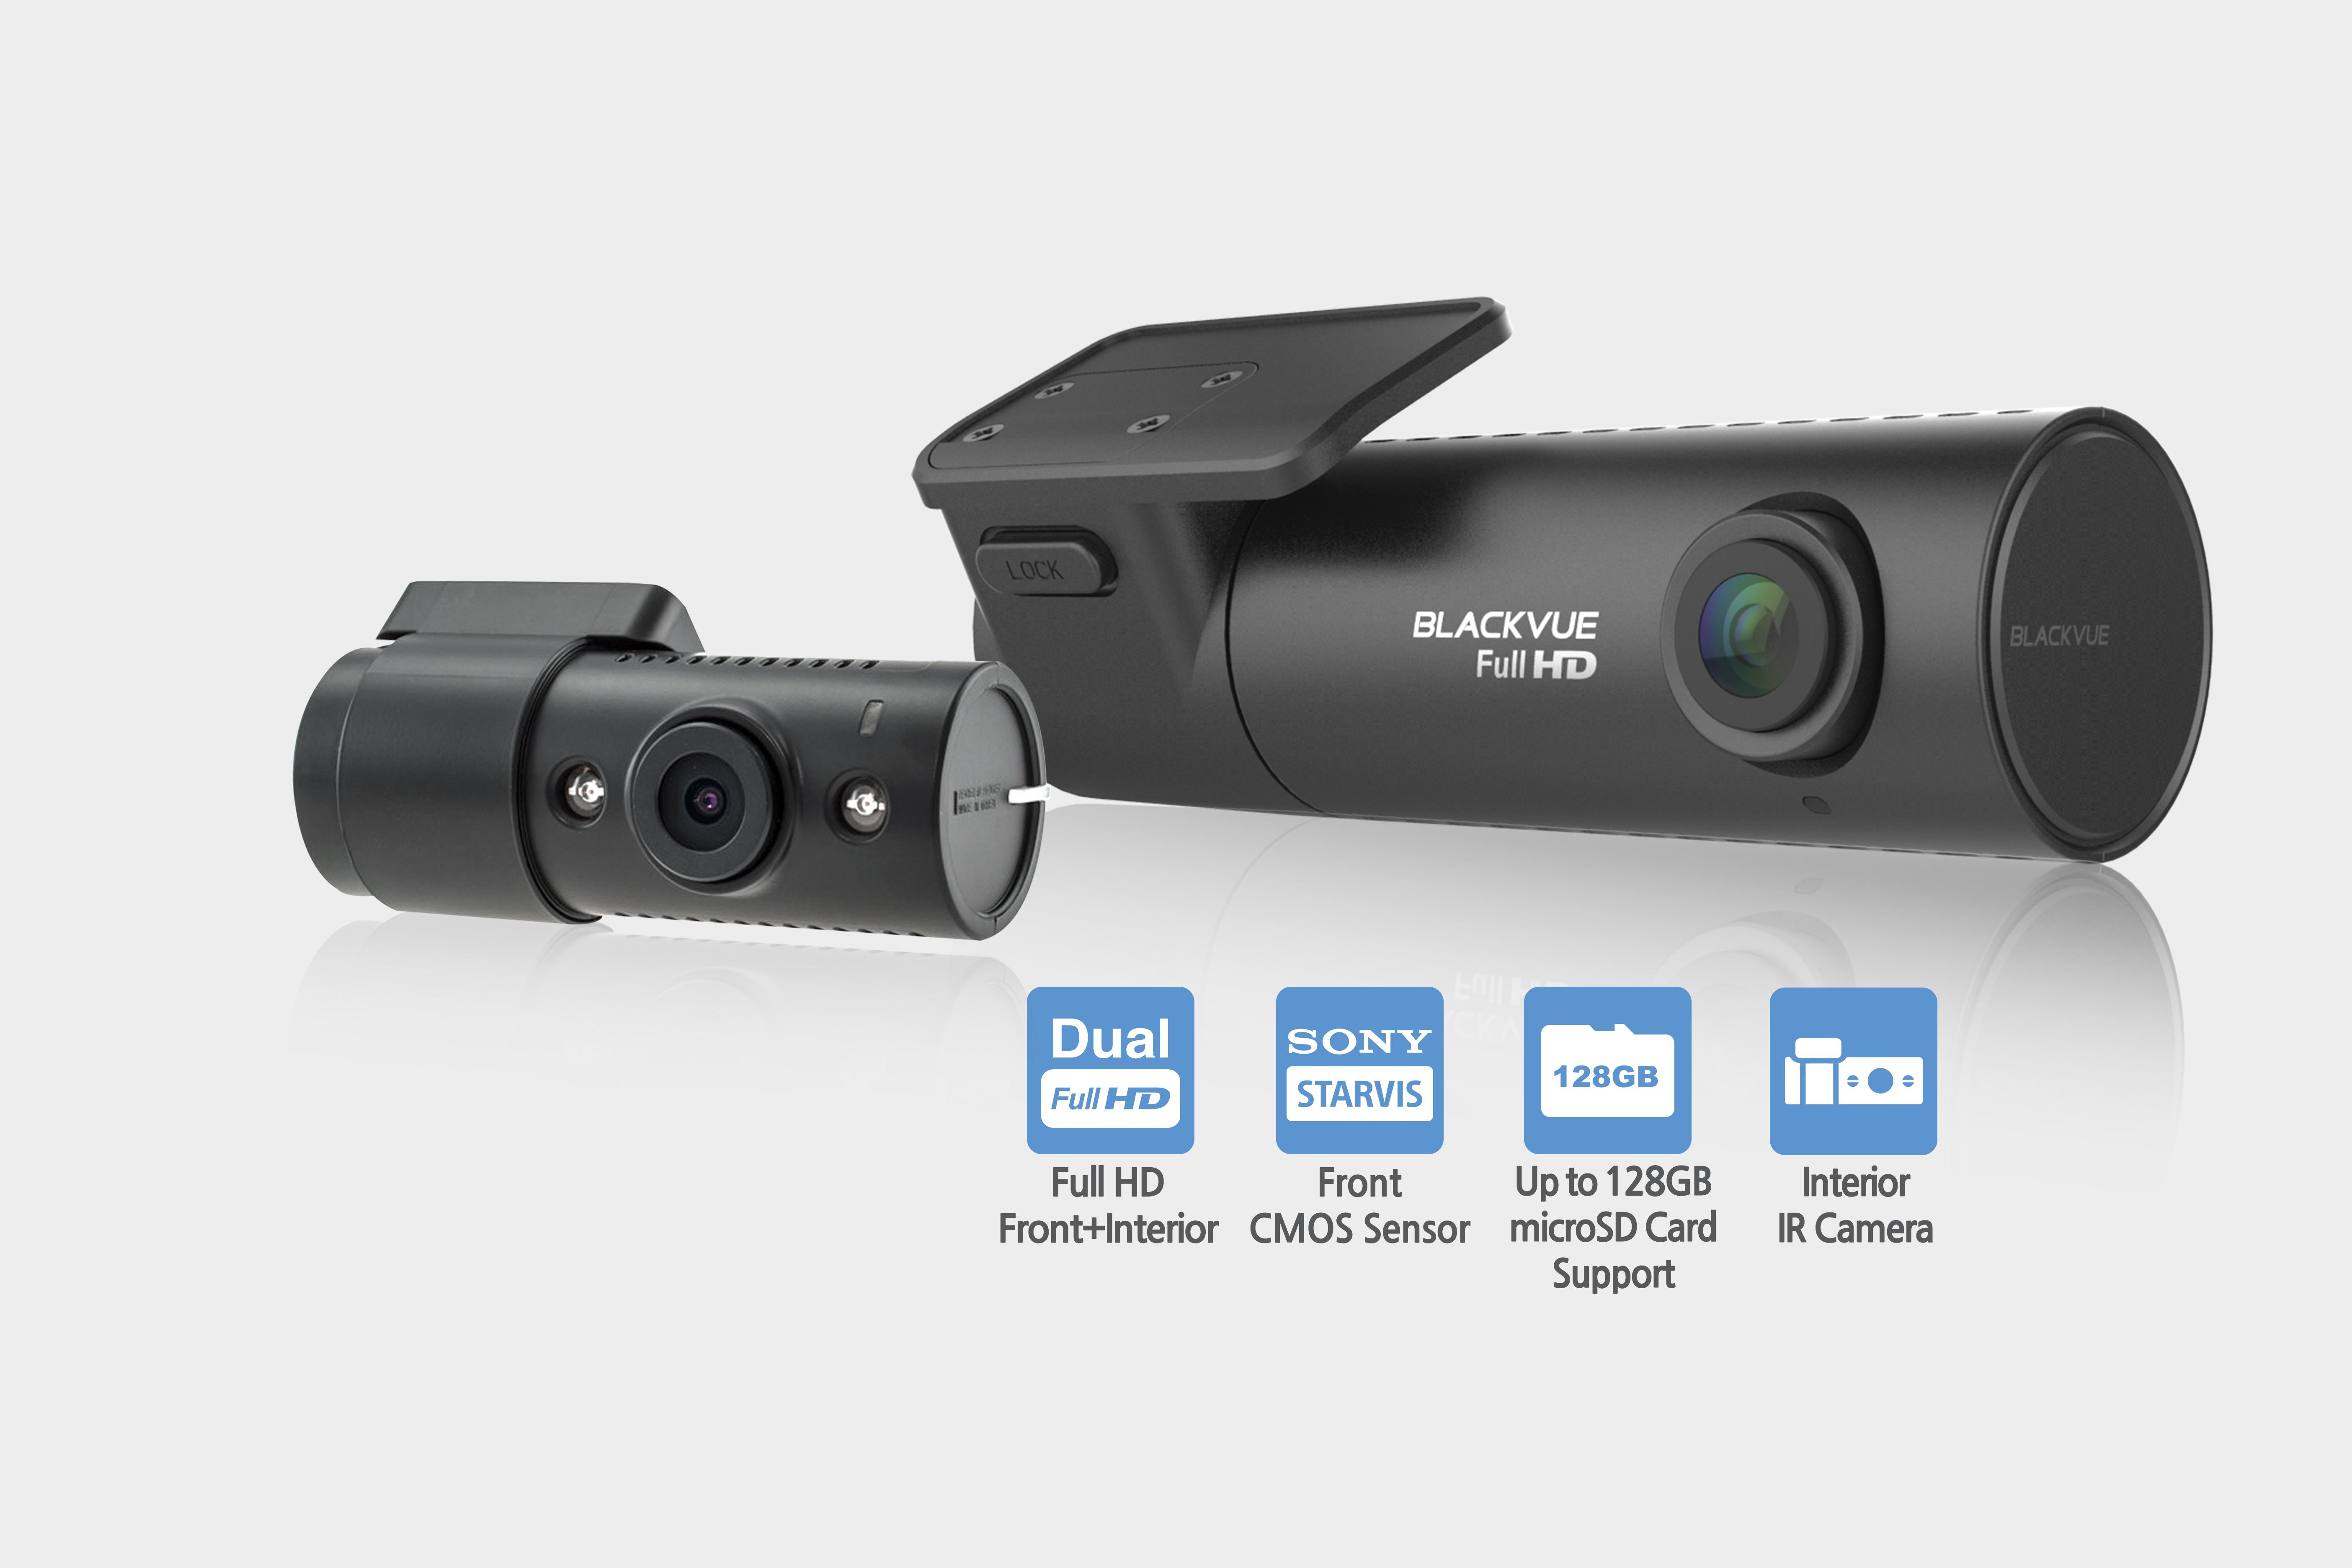 دوربین خودرو BLACKVUE590W FHD-شرکت یکتانگر نماینده رسمی ایران-دوربین هوشمند خودرویی